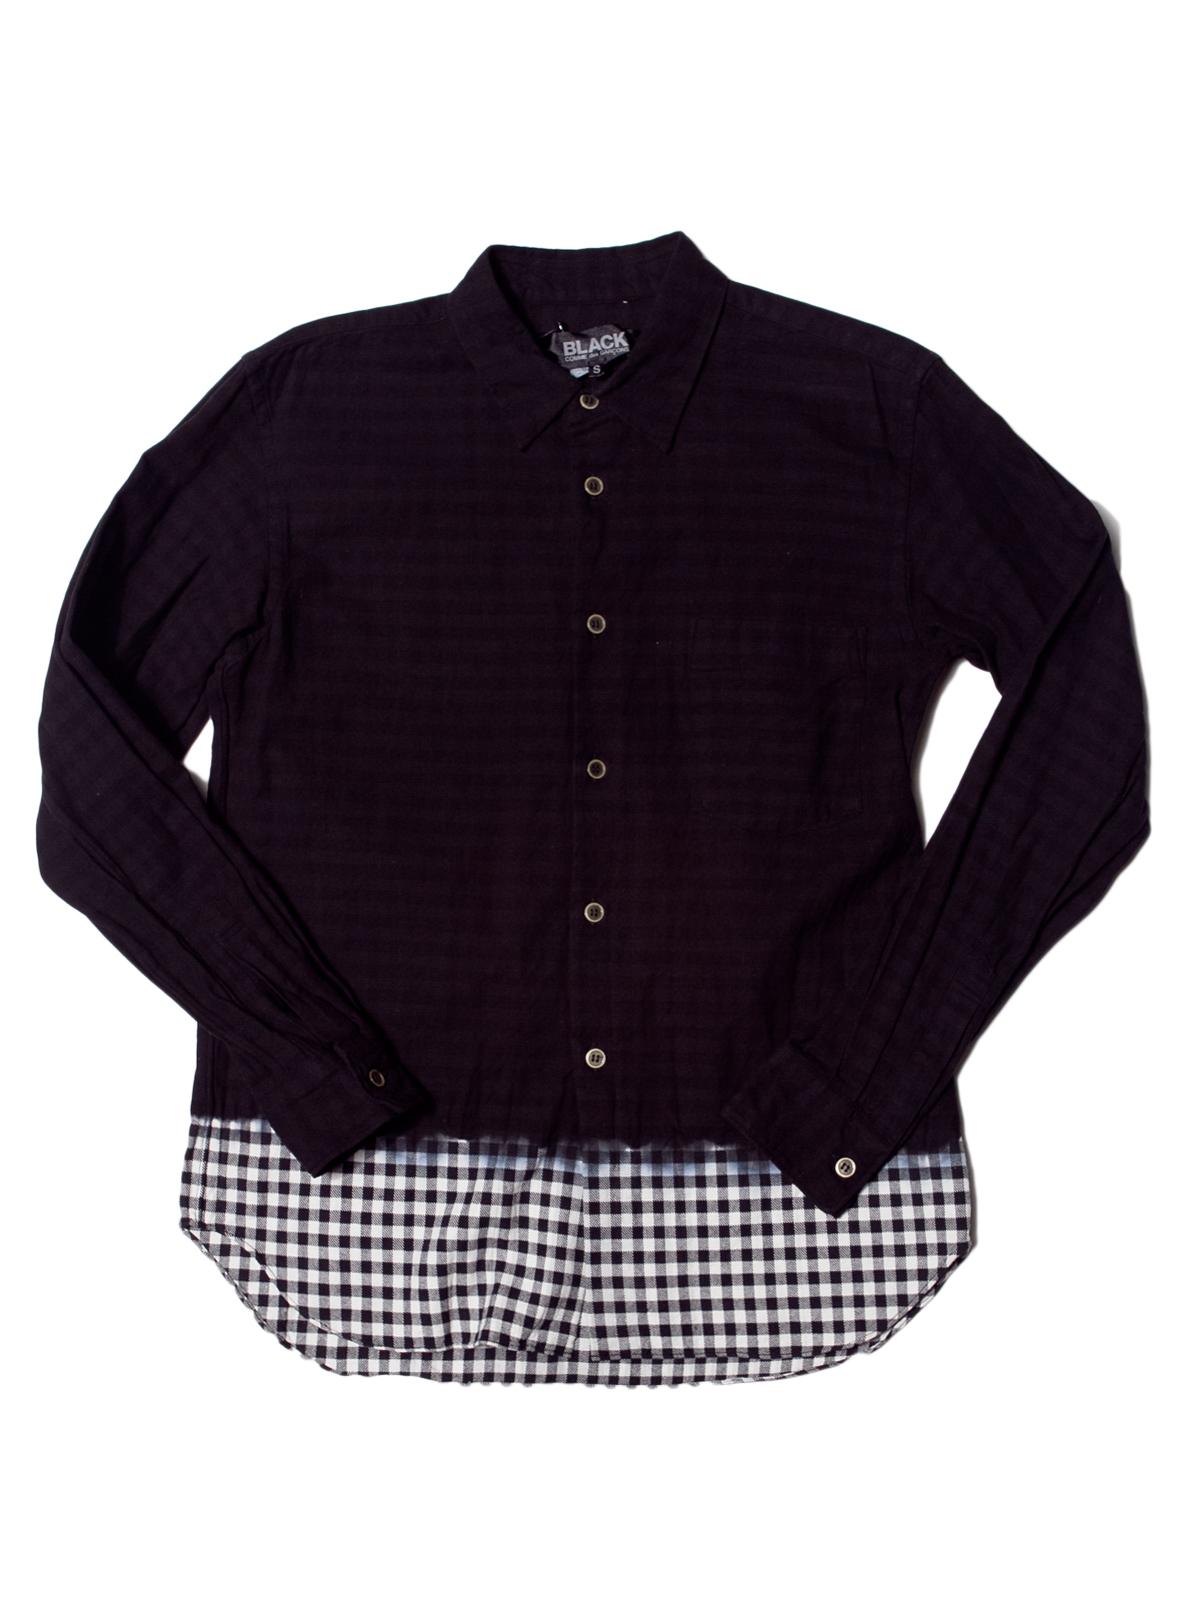 11230-comme_black_long_sleeve_flannel_blackwhite1.jpg